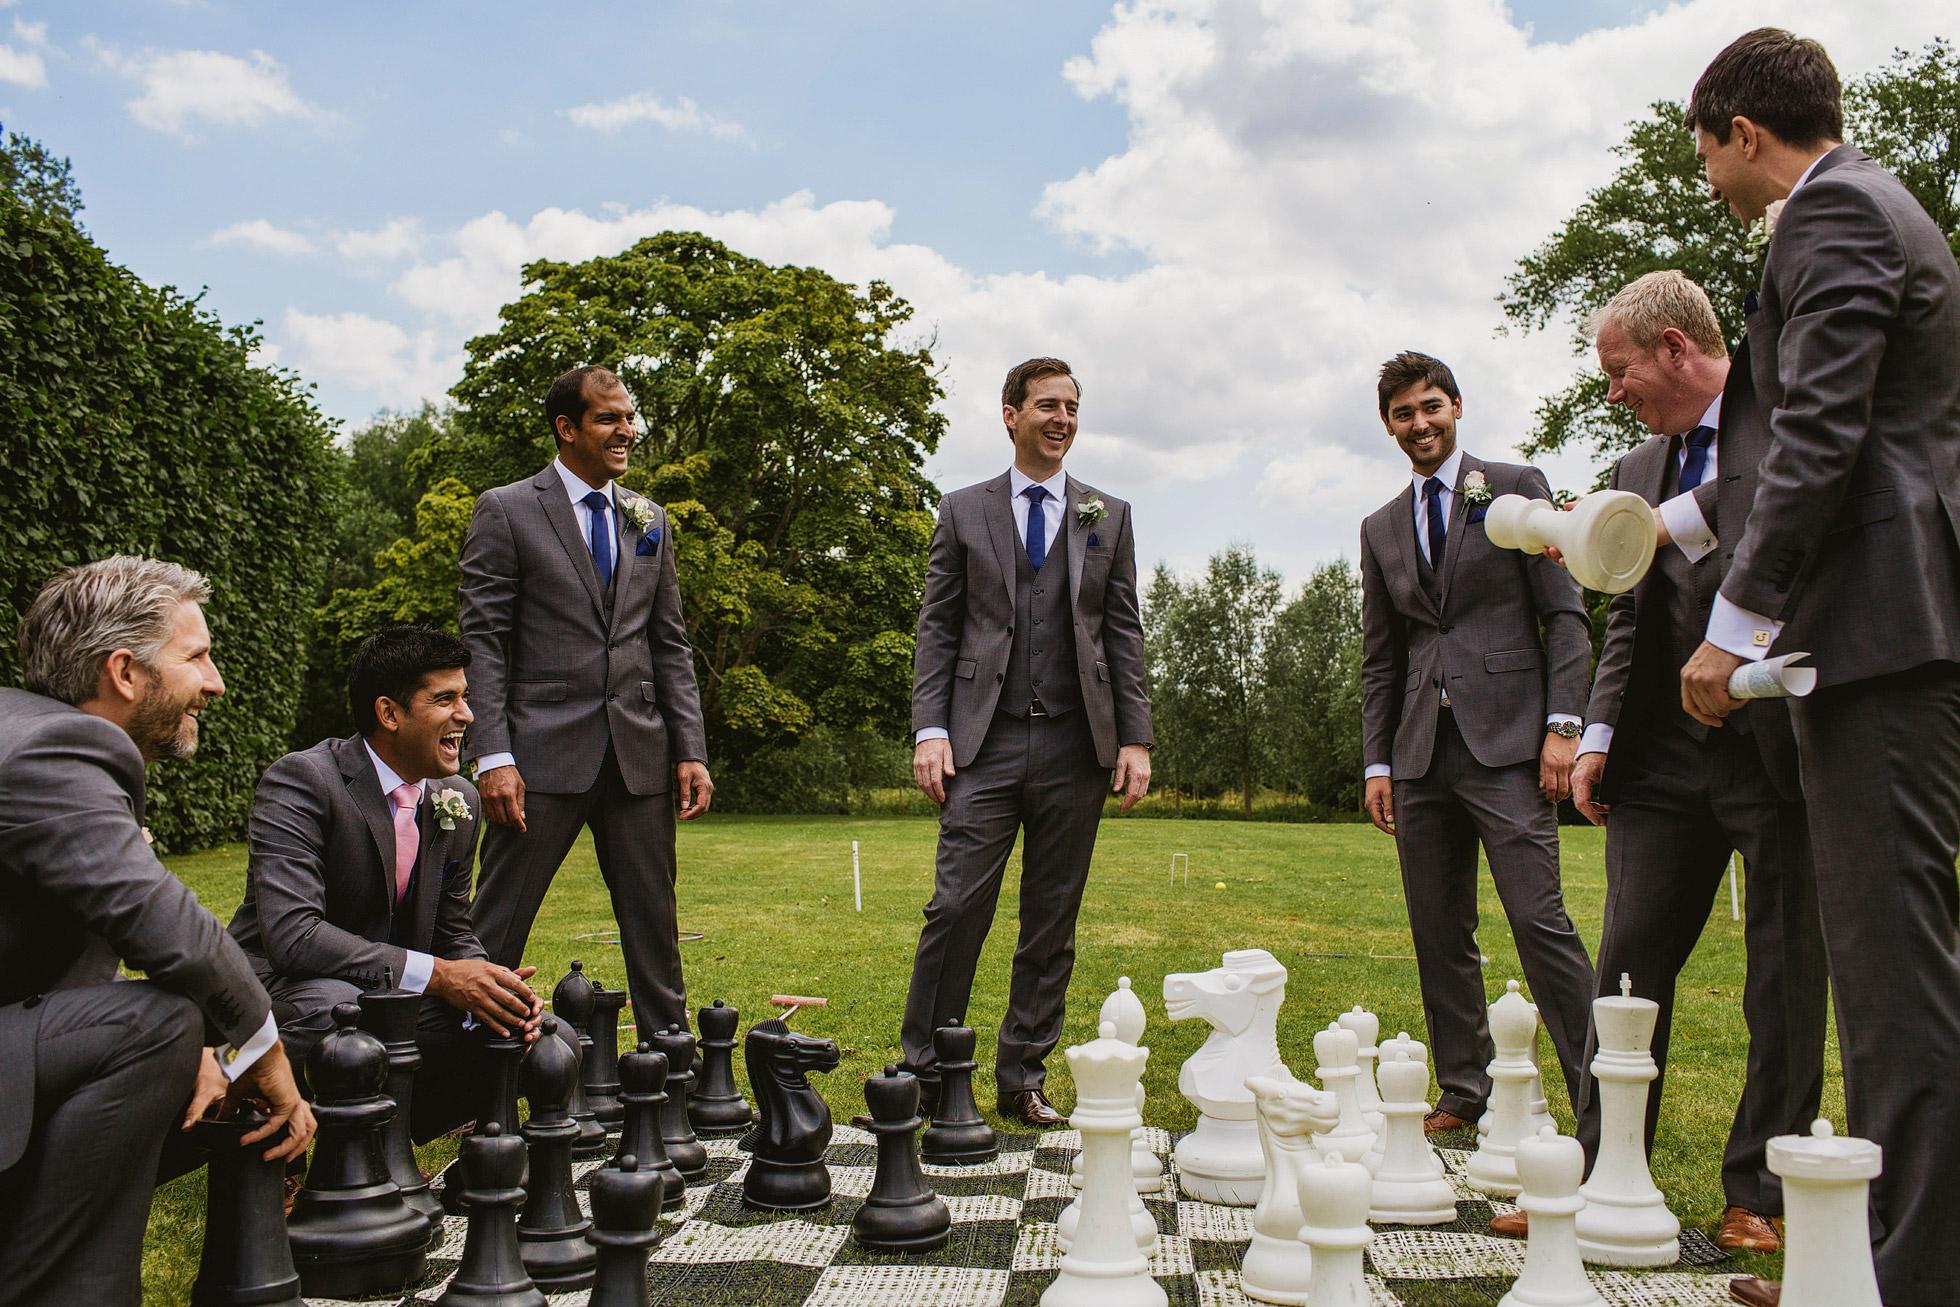 Notley Abbey Wedding Reportage